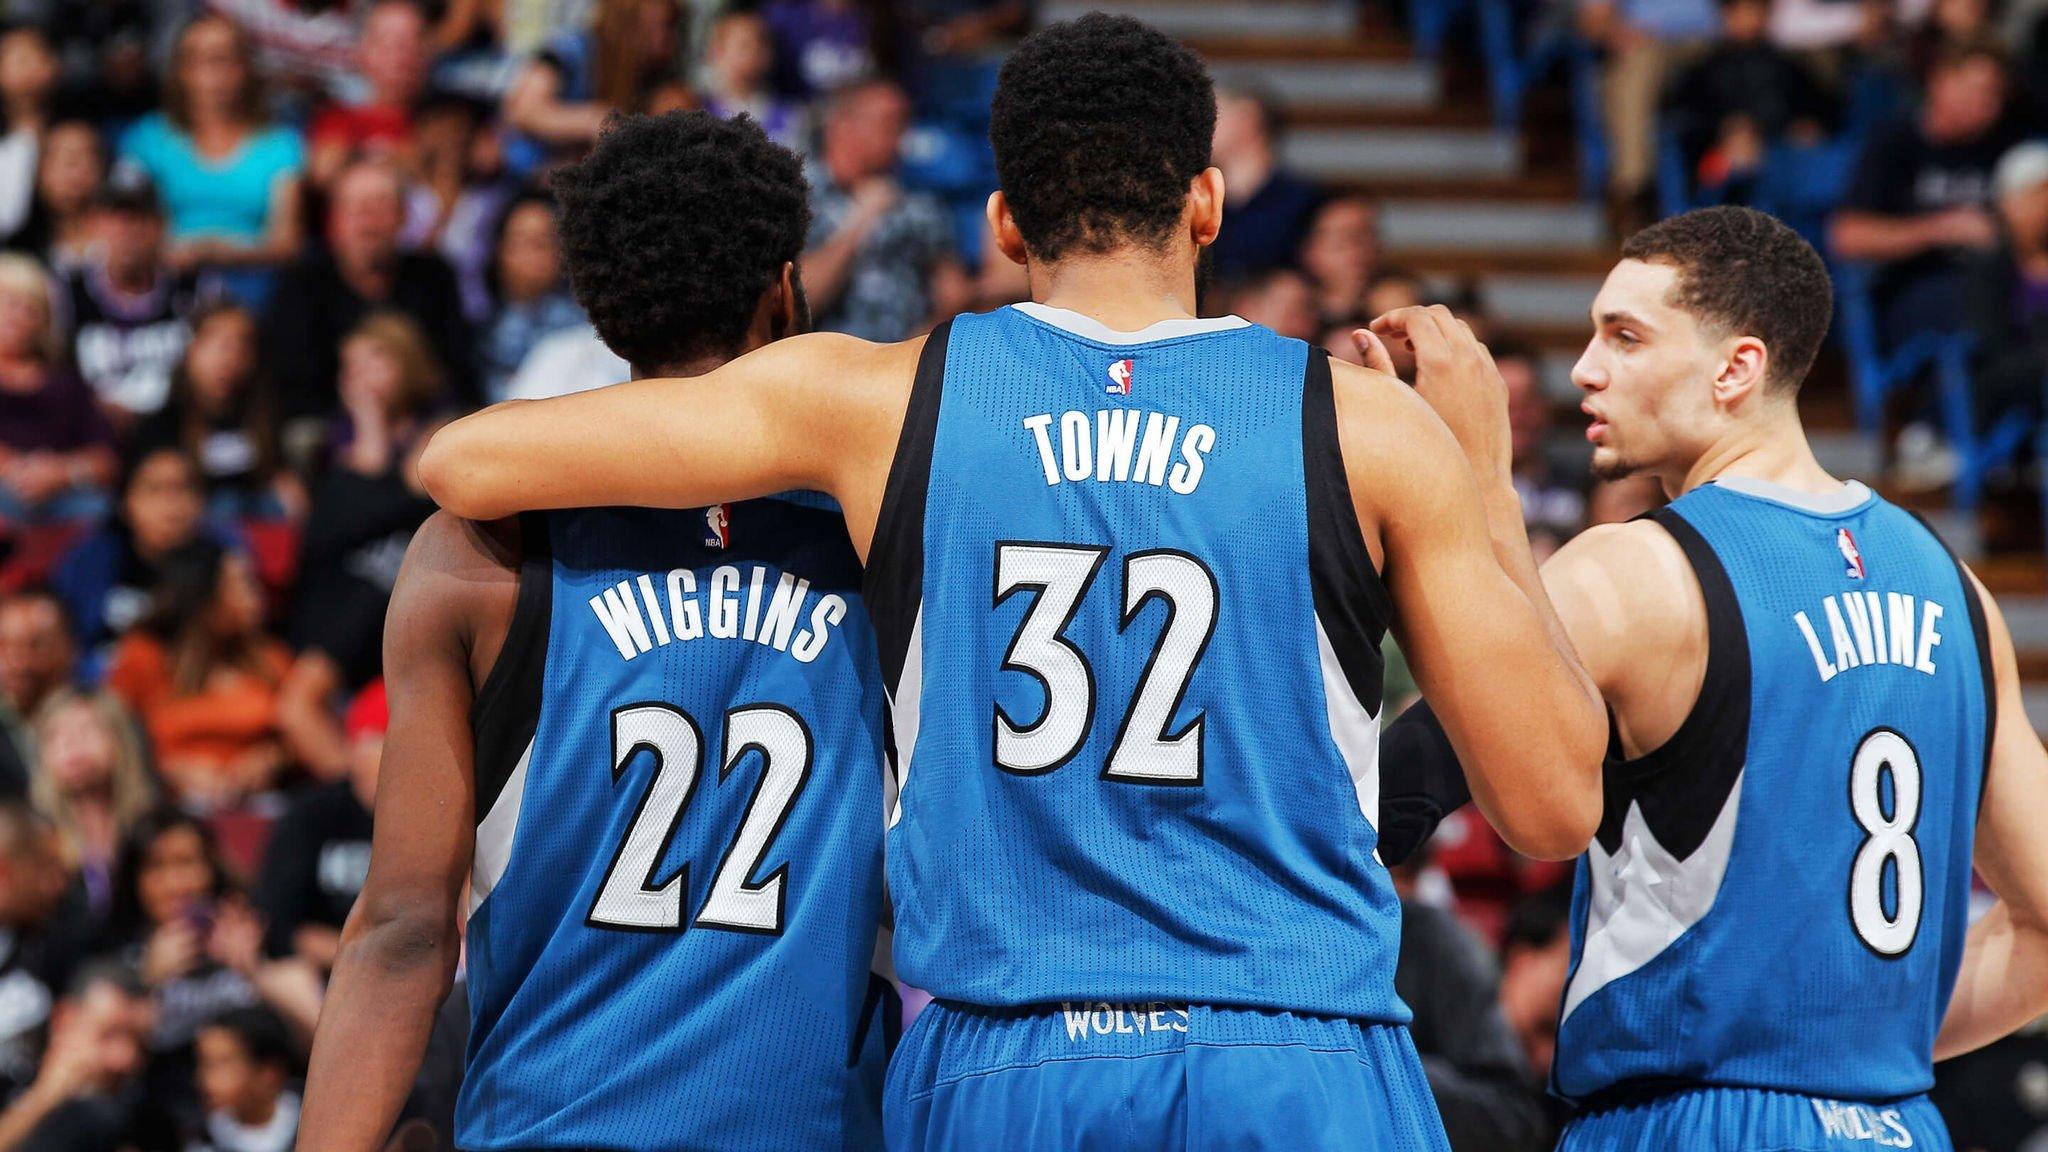 Ставки на НБА. Ставки на Кливленд – Голден Стэйт. Ставки на баскетбол. Плэй Офф НБА 8 Июня 2016